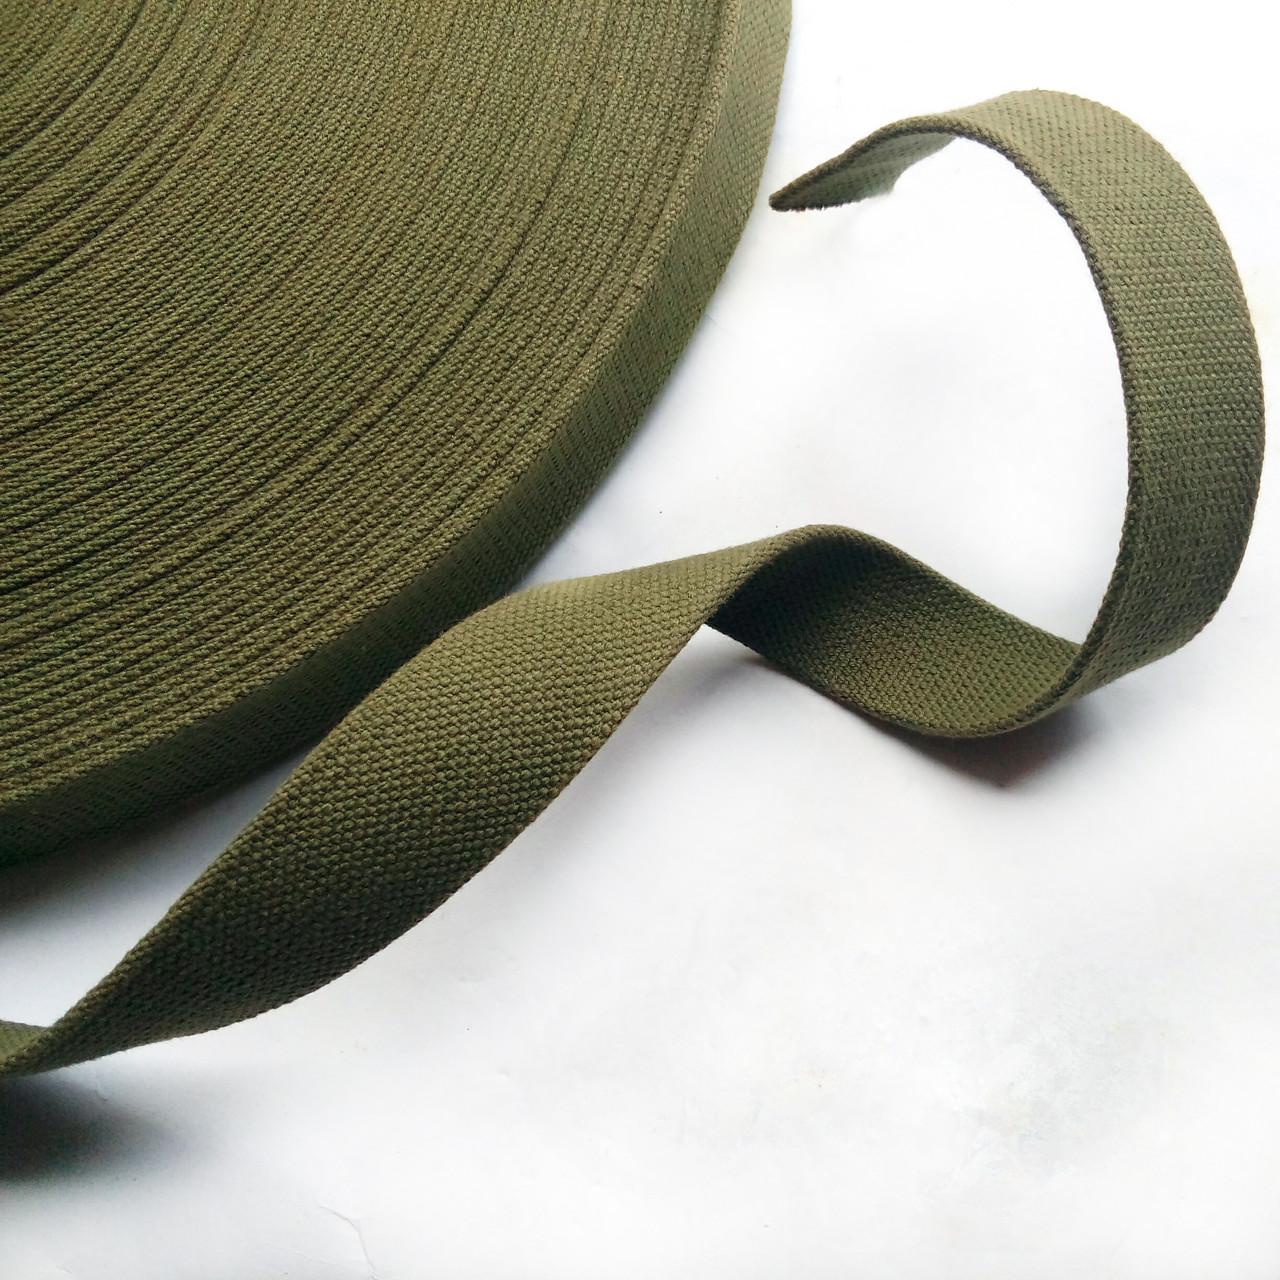 Лента ременная стропа 40 мм бязь ткань купить в розницу интернет магазин недорого